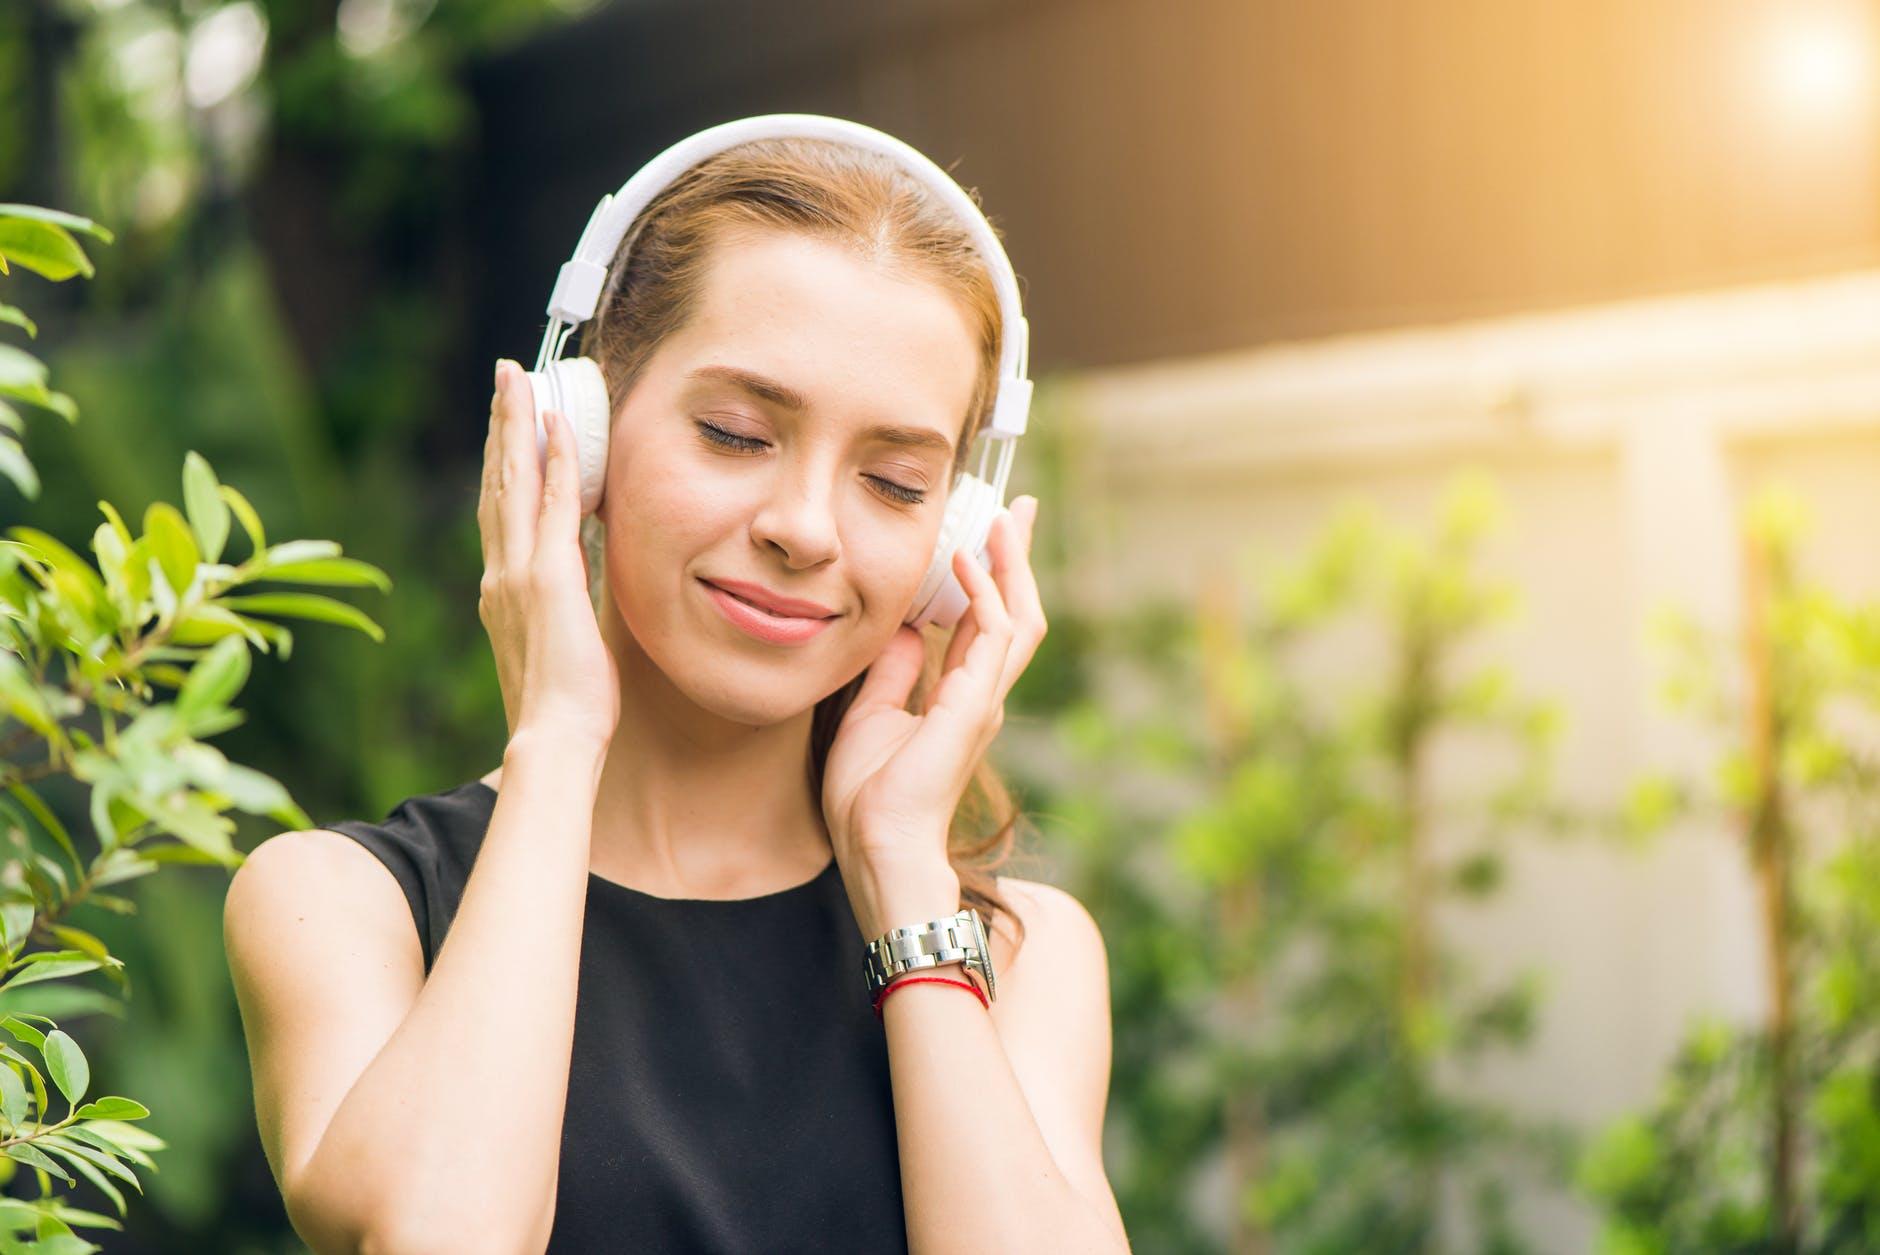 Bluetooth-Kopfhörer, Klang erleben, Stille genießen